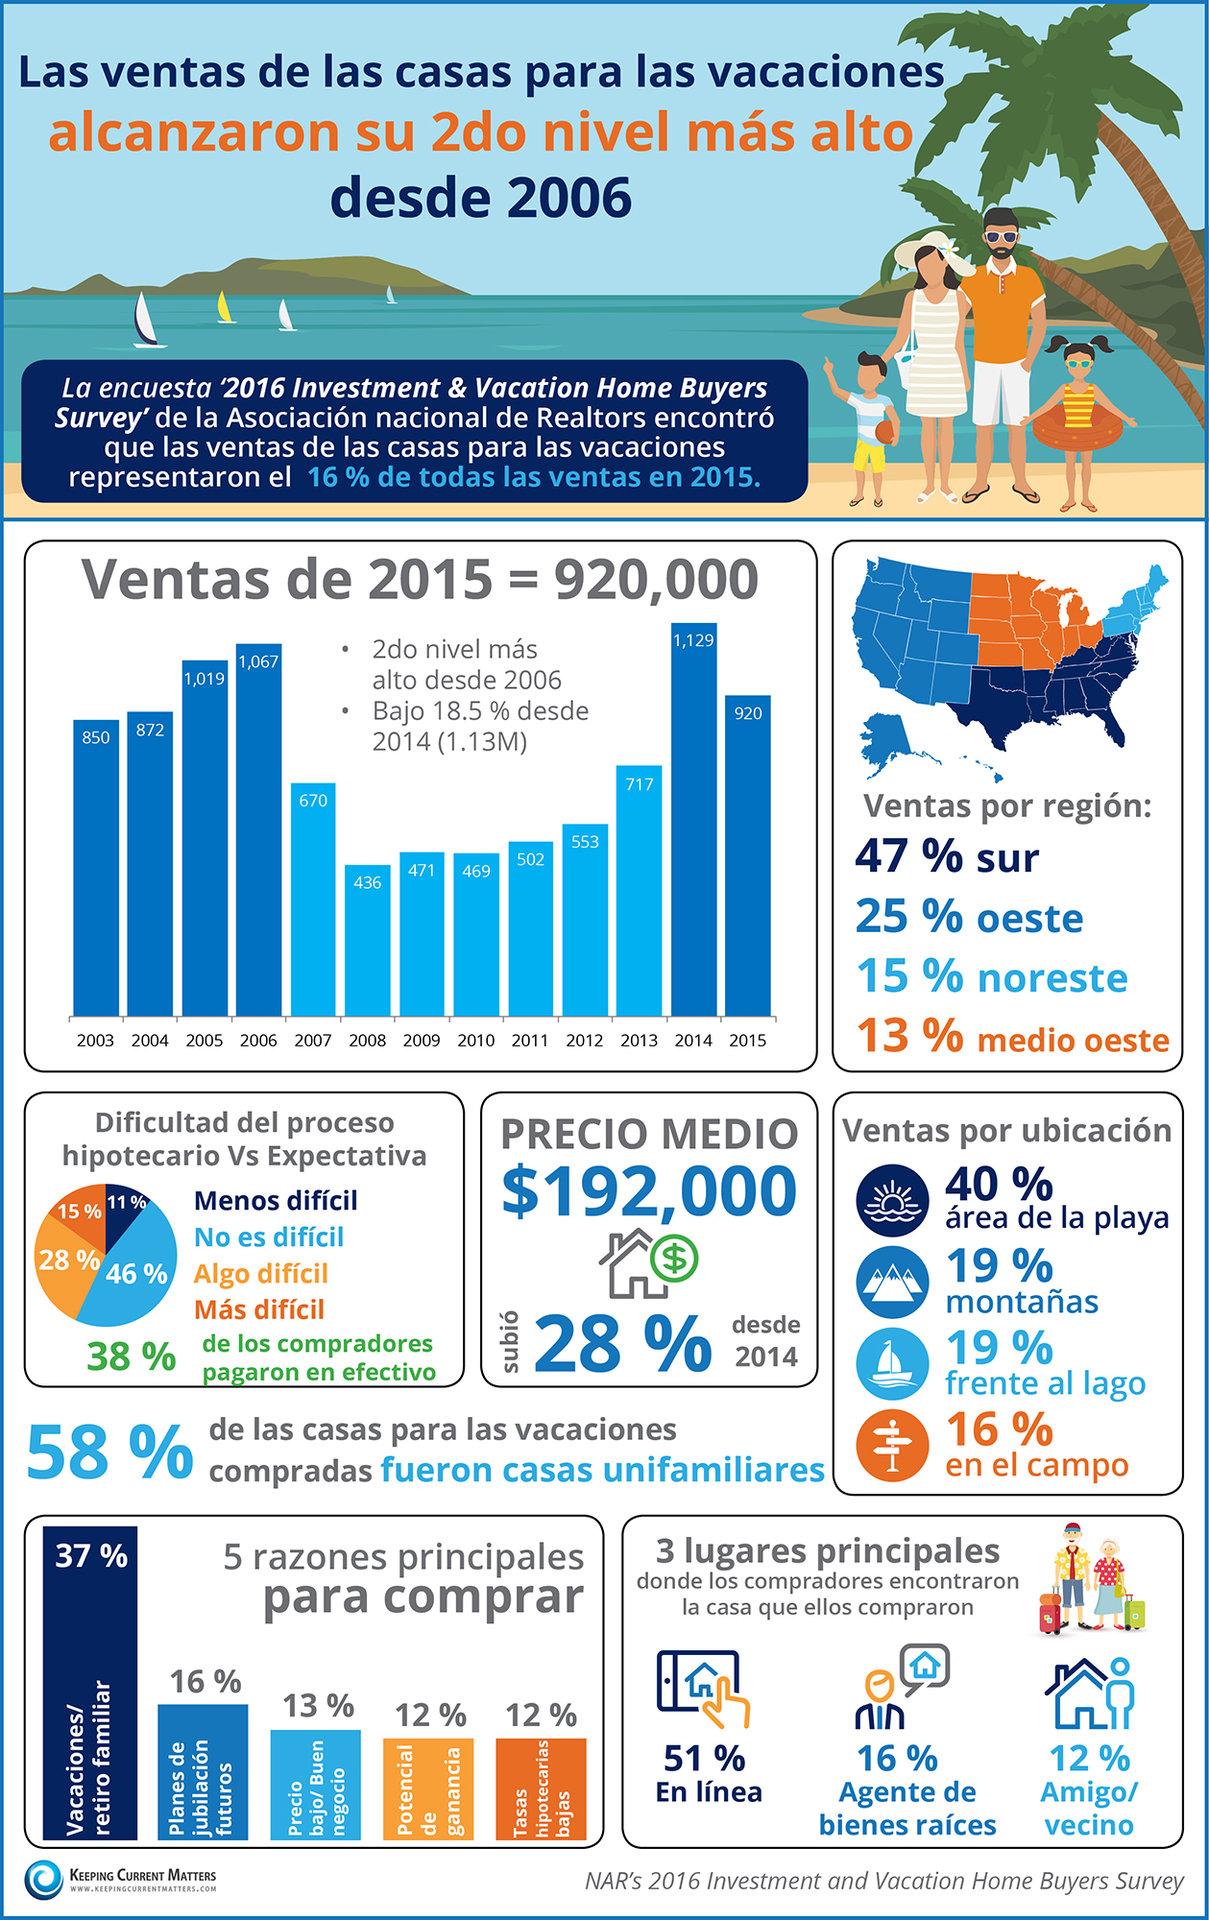 Las ventas de las casas para las vacaciones alcanzaron su segundo nivel más alto desde 2006 [infografía]  | Keeping Current Matters